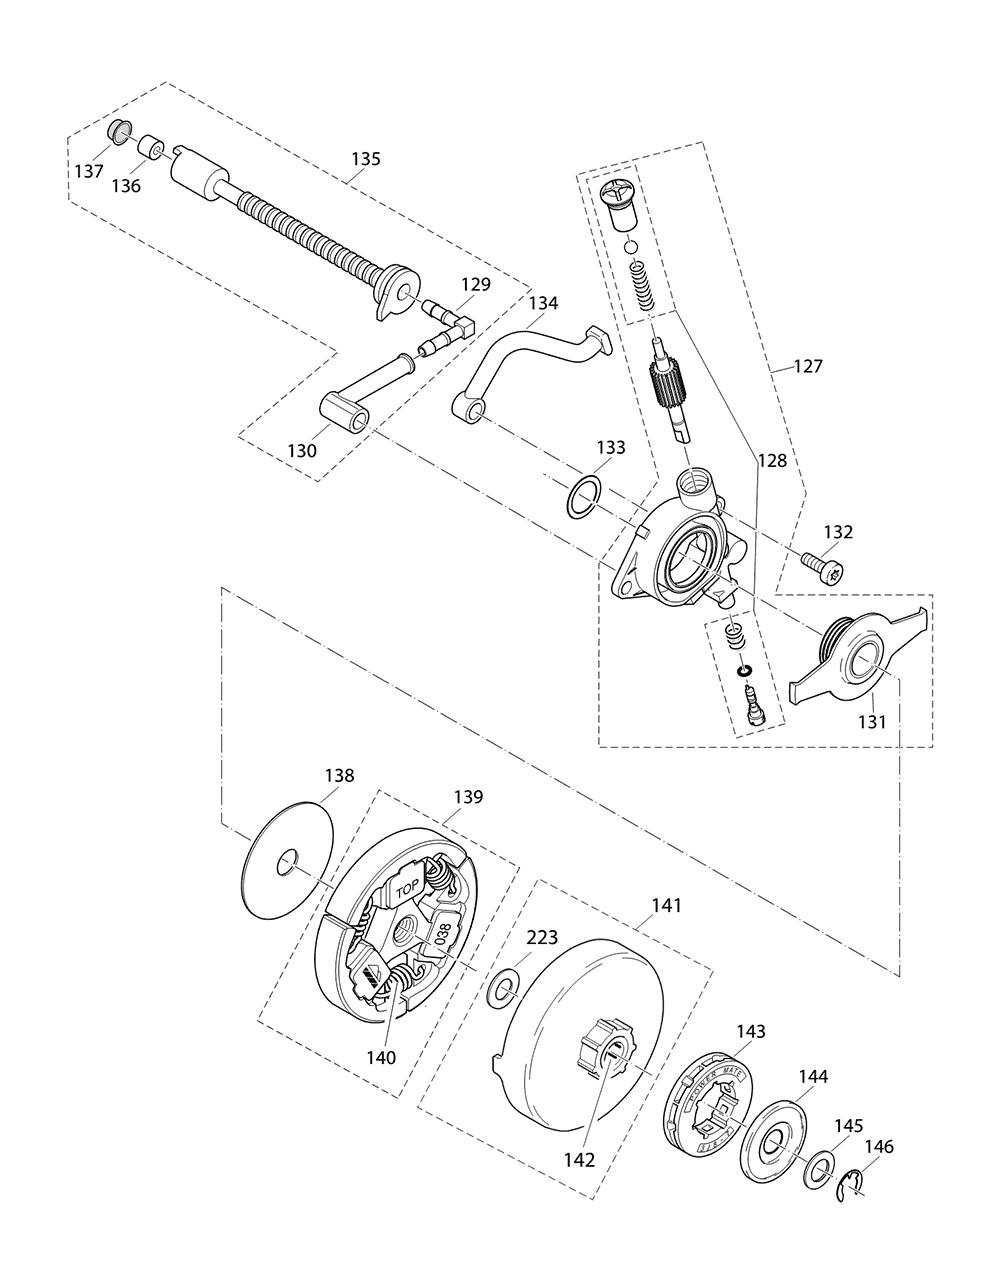 DCS642120-T1-Makita-PB-5Break Down